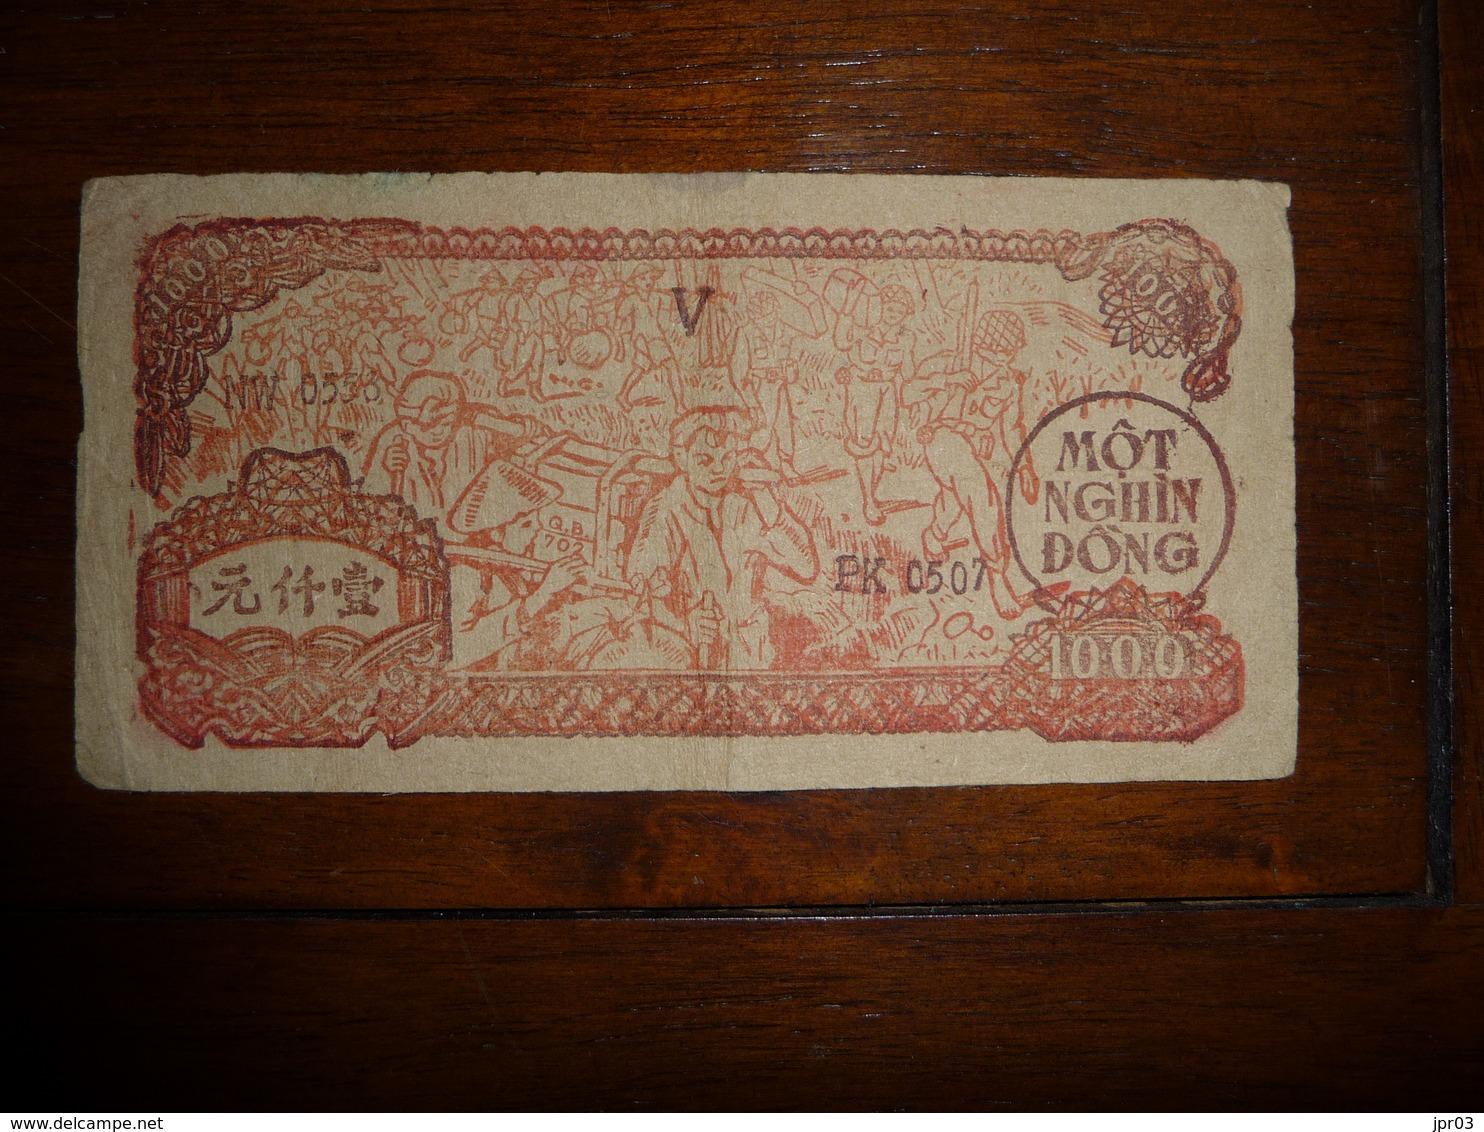 NORTH VIET NAM  * TIN PHIEU 1000  DONG  1951 - Vietnam